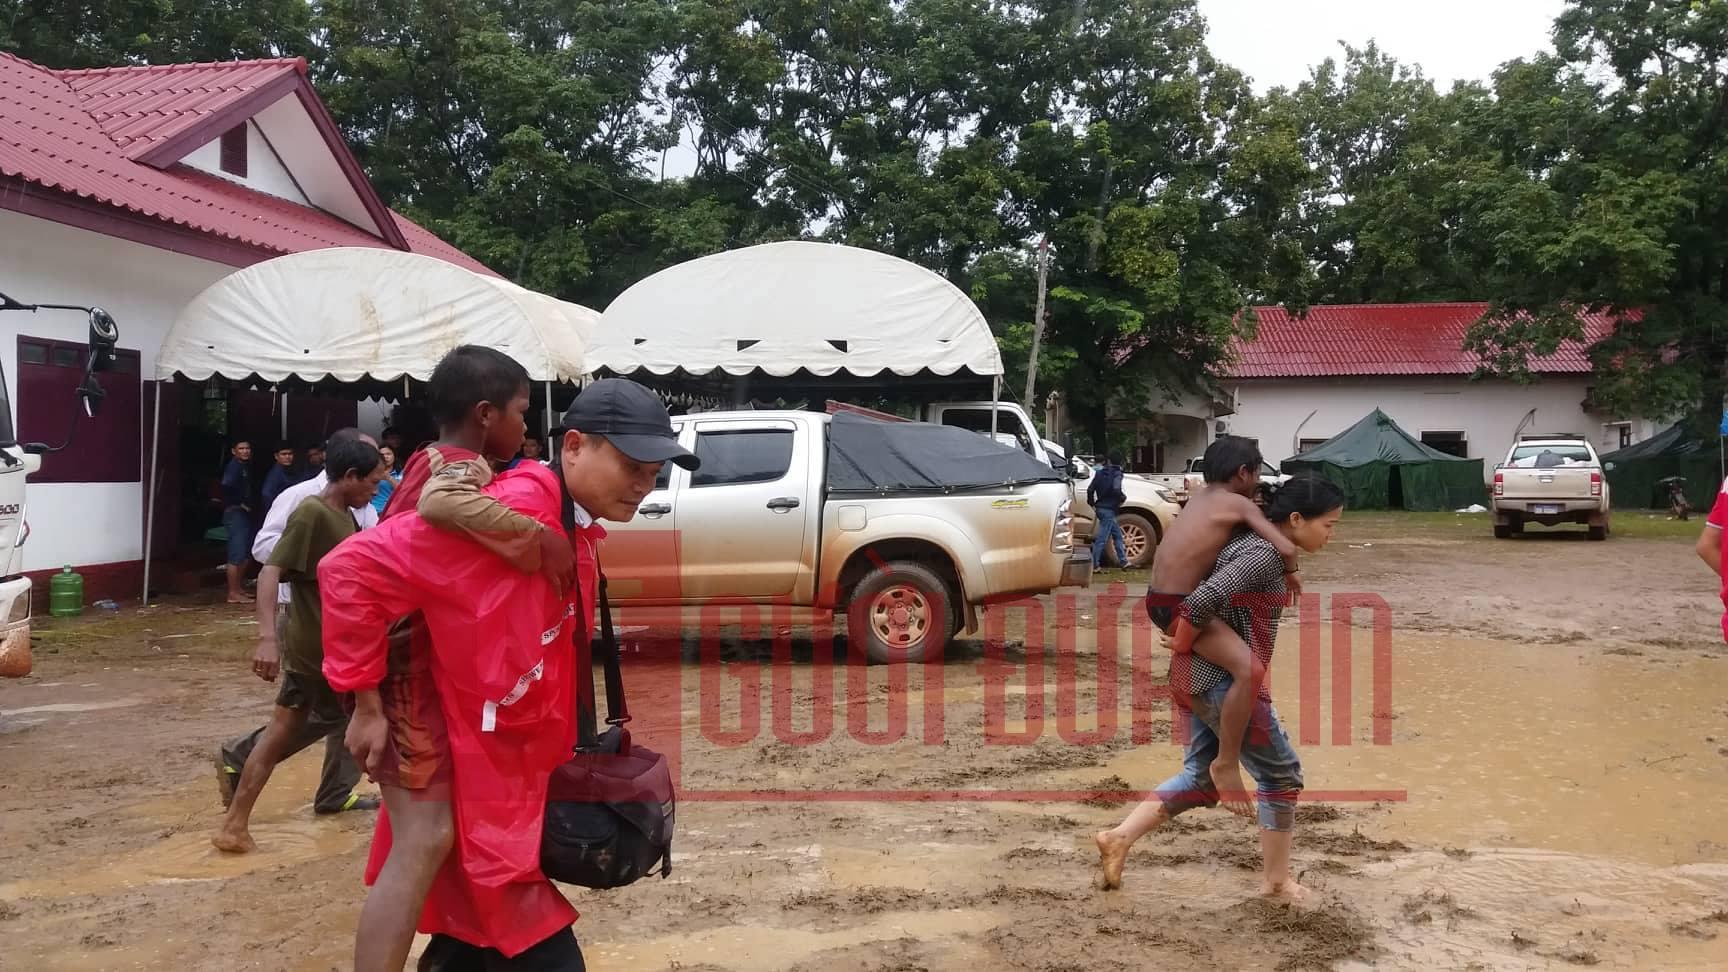 Vỡ đập thủy điện Lào: Cận cảnh công tác cứu hộ tại nơi cơn lũ vừa càn quét - Ảnh 11